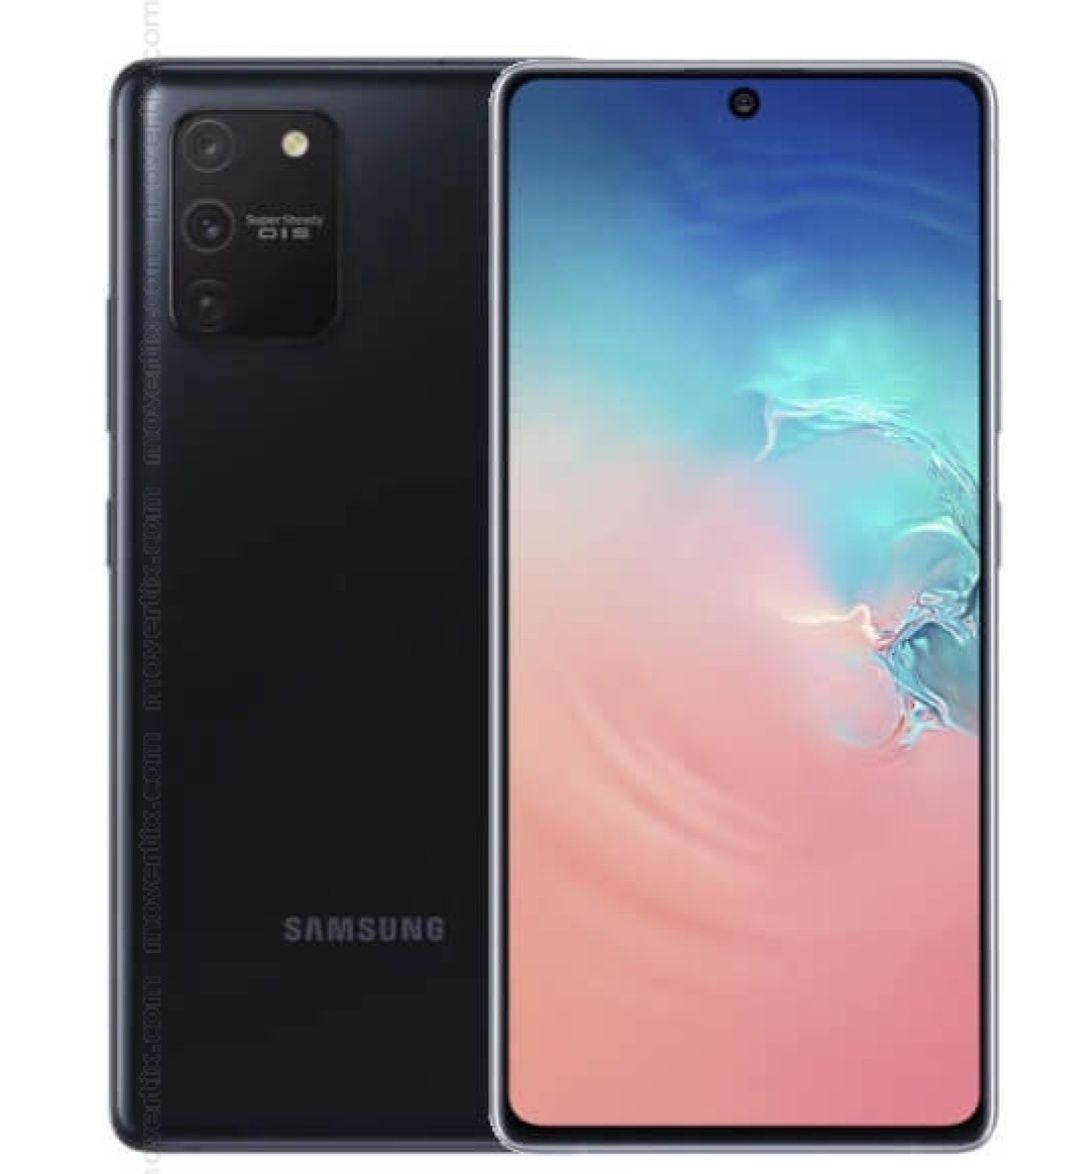 Samsung Galaxy s10 lite 8/128 desde España a su mínimo